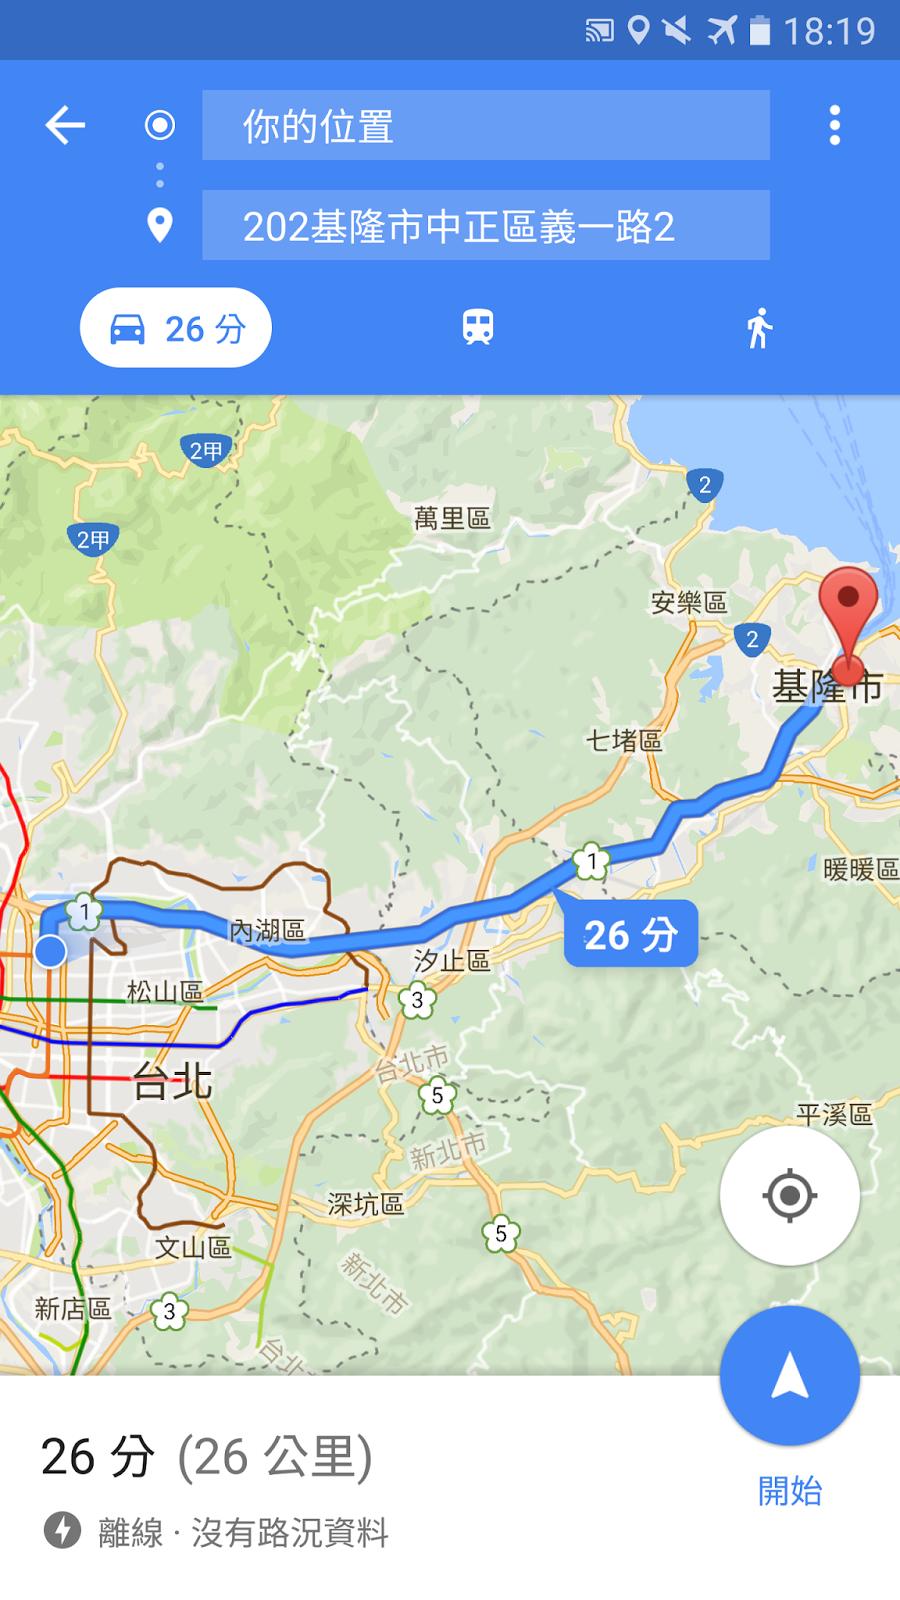 臺灣版 Google 地圖開放「離線地圖」功能!下載離線地圖教學